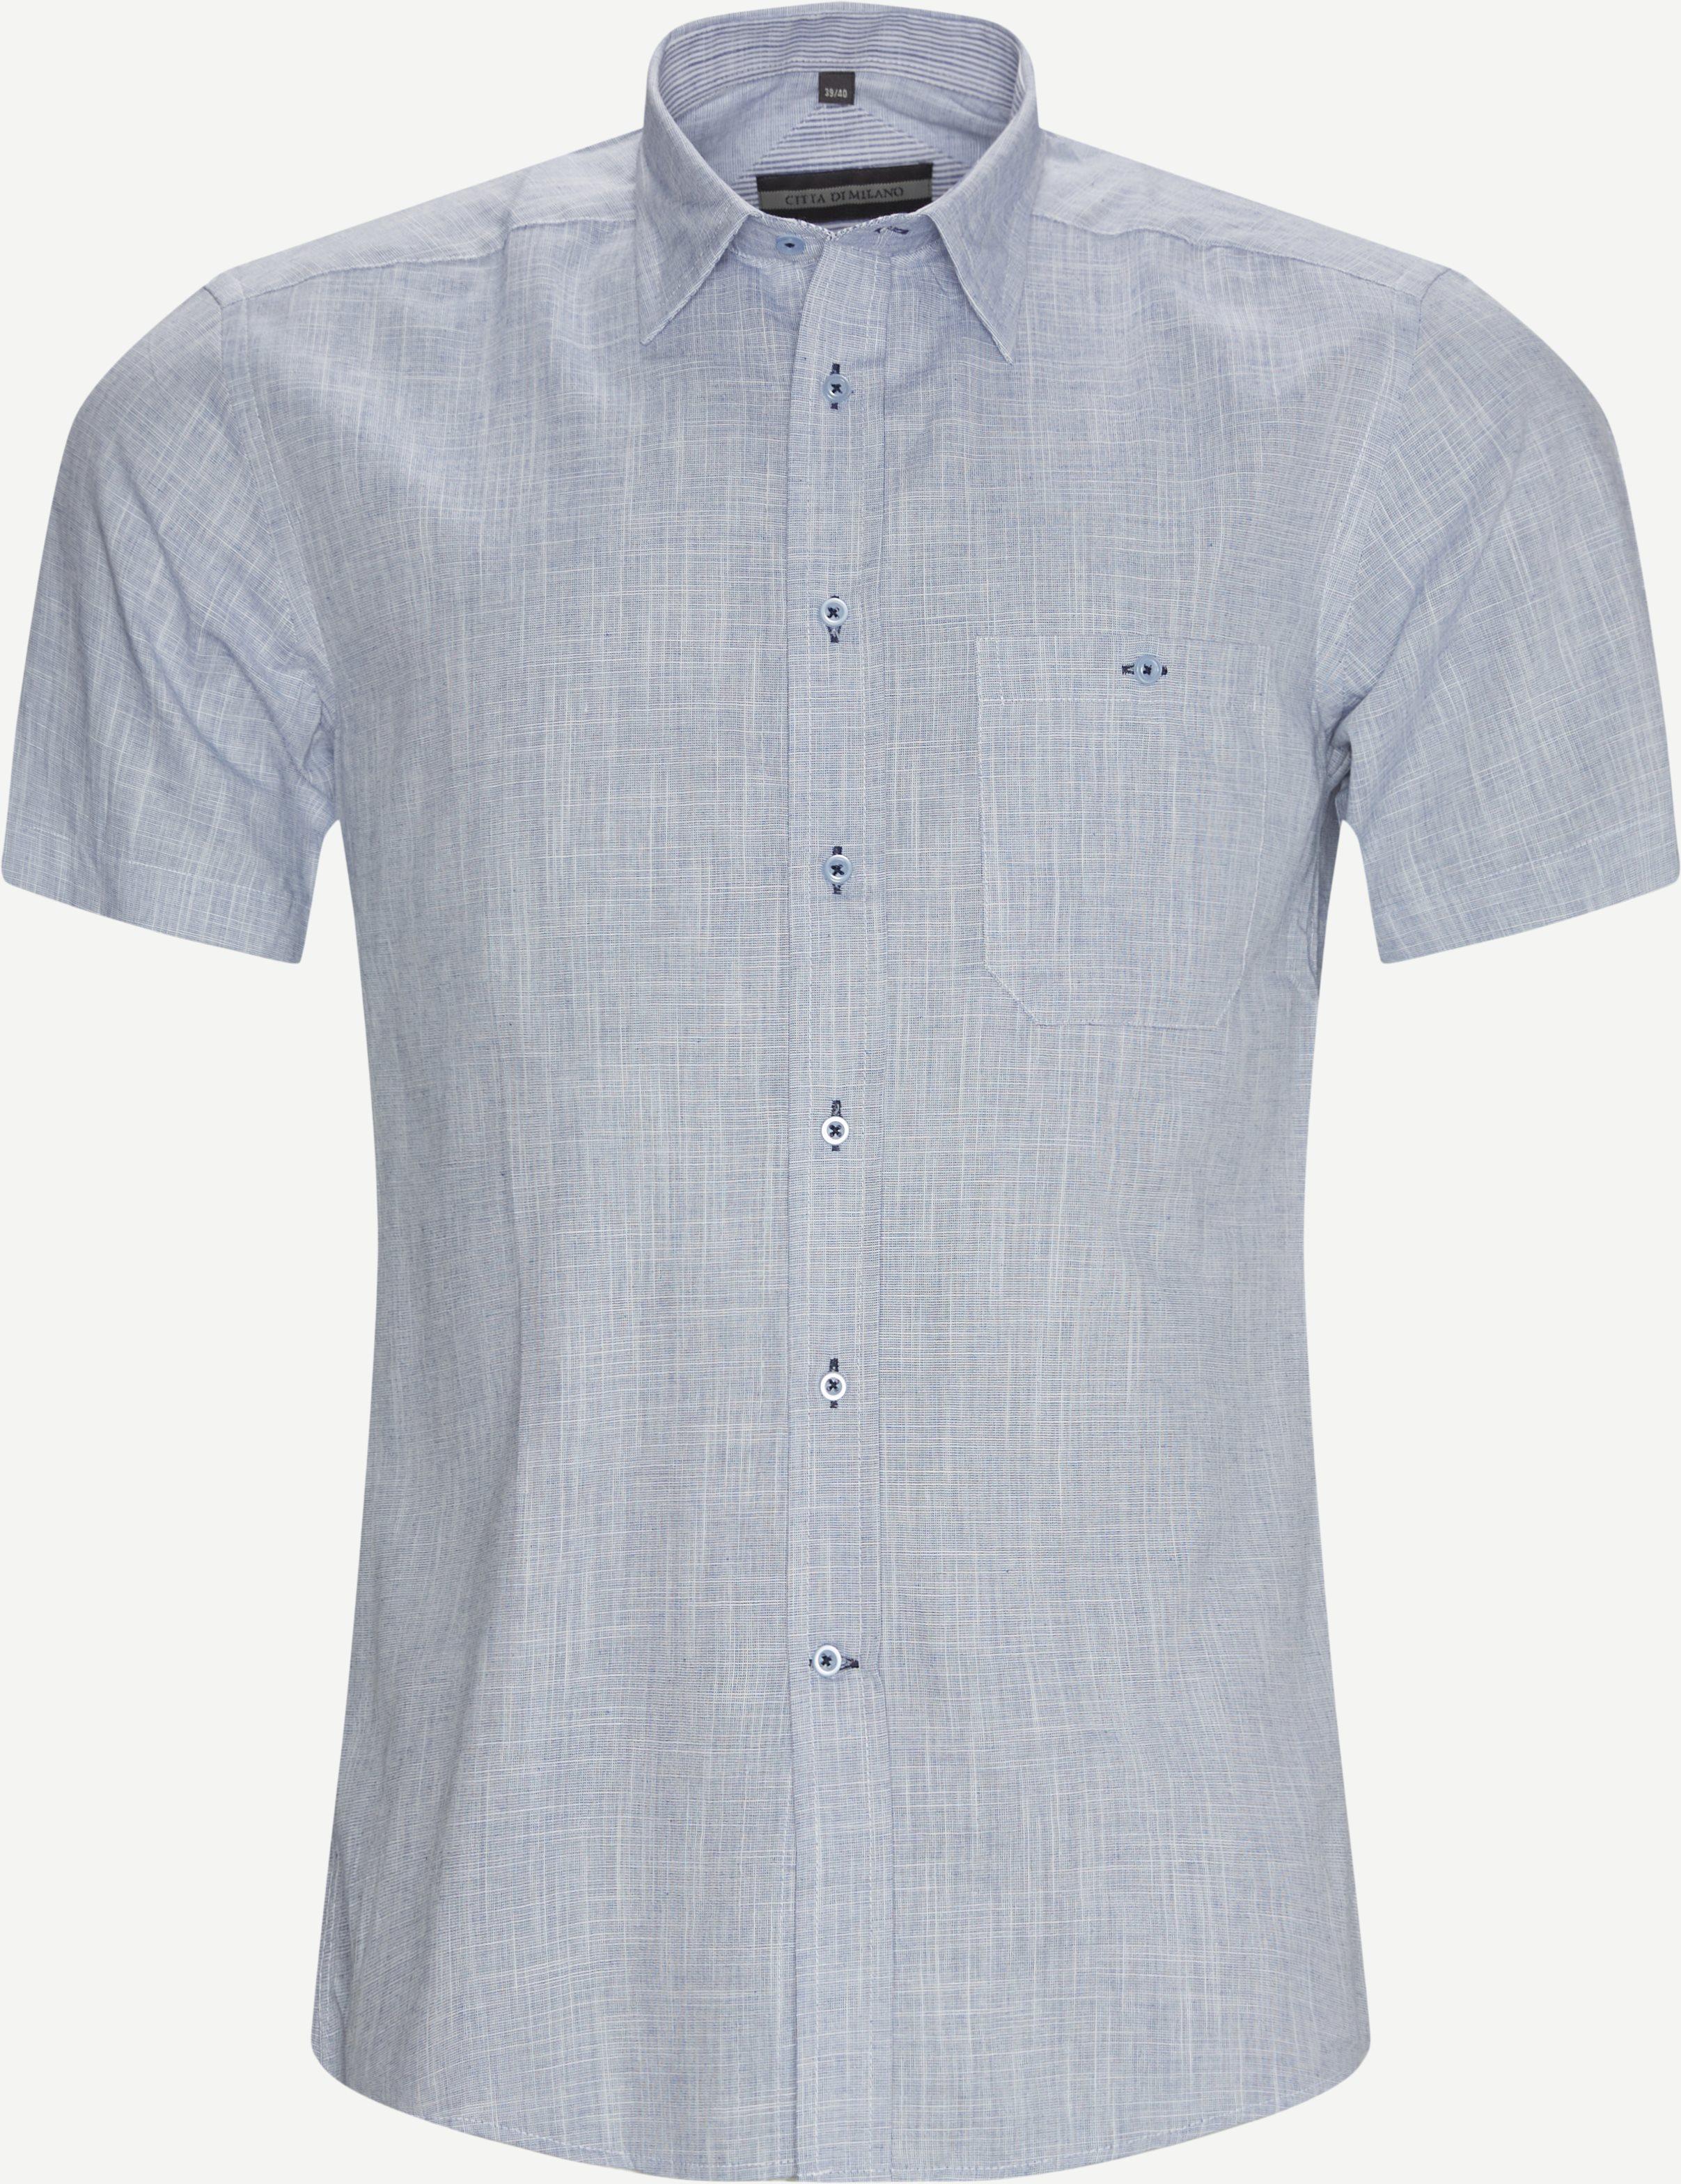 Lausanne K/Æ Skjorte - Kortærmede skjorter - Regular fit - Blå